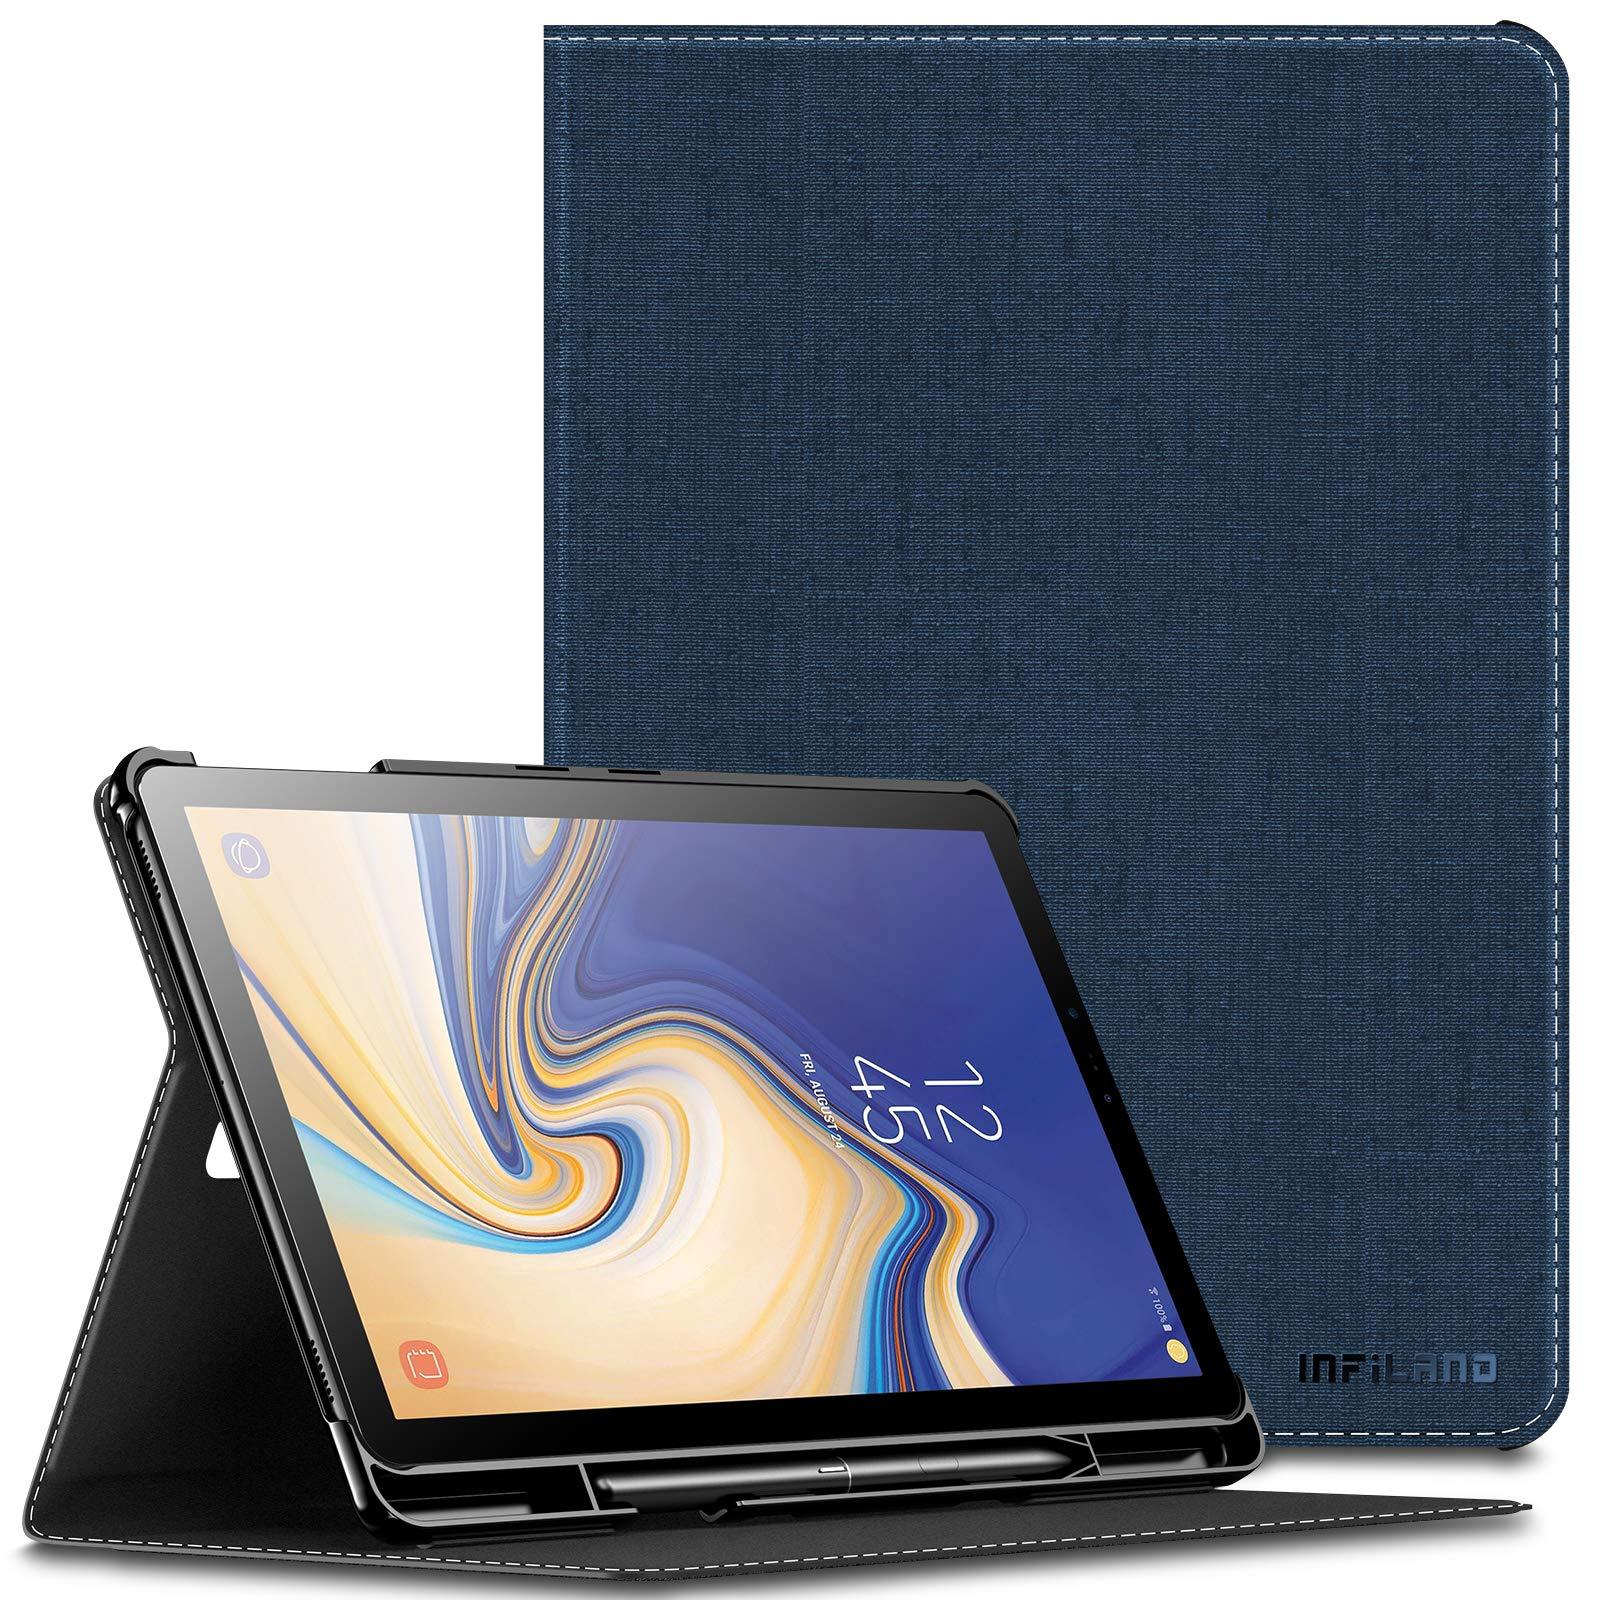 Funda Samsung Galaxy Tab S4 10.5 INFILAND [7K2Y6LM3]